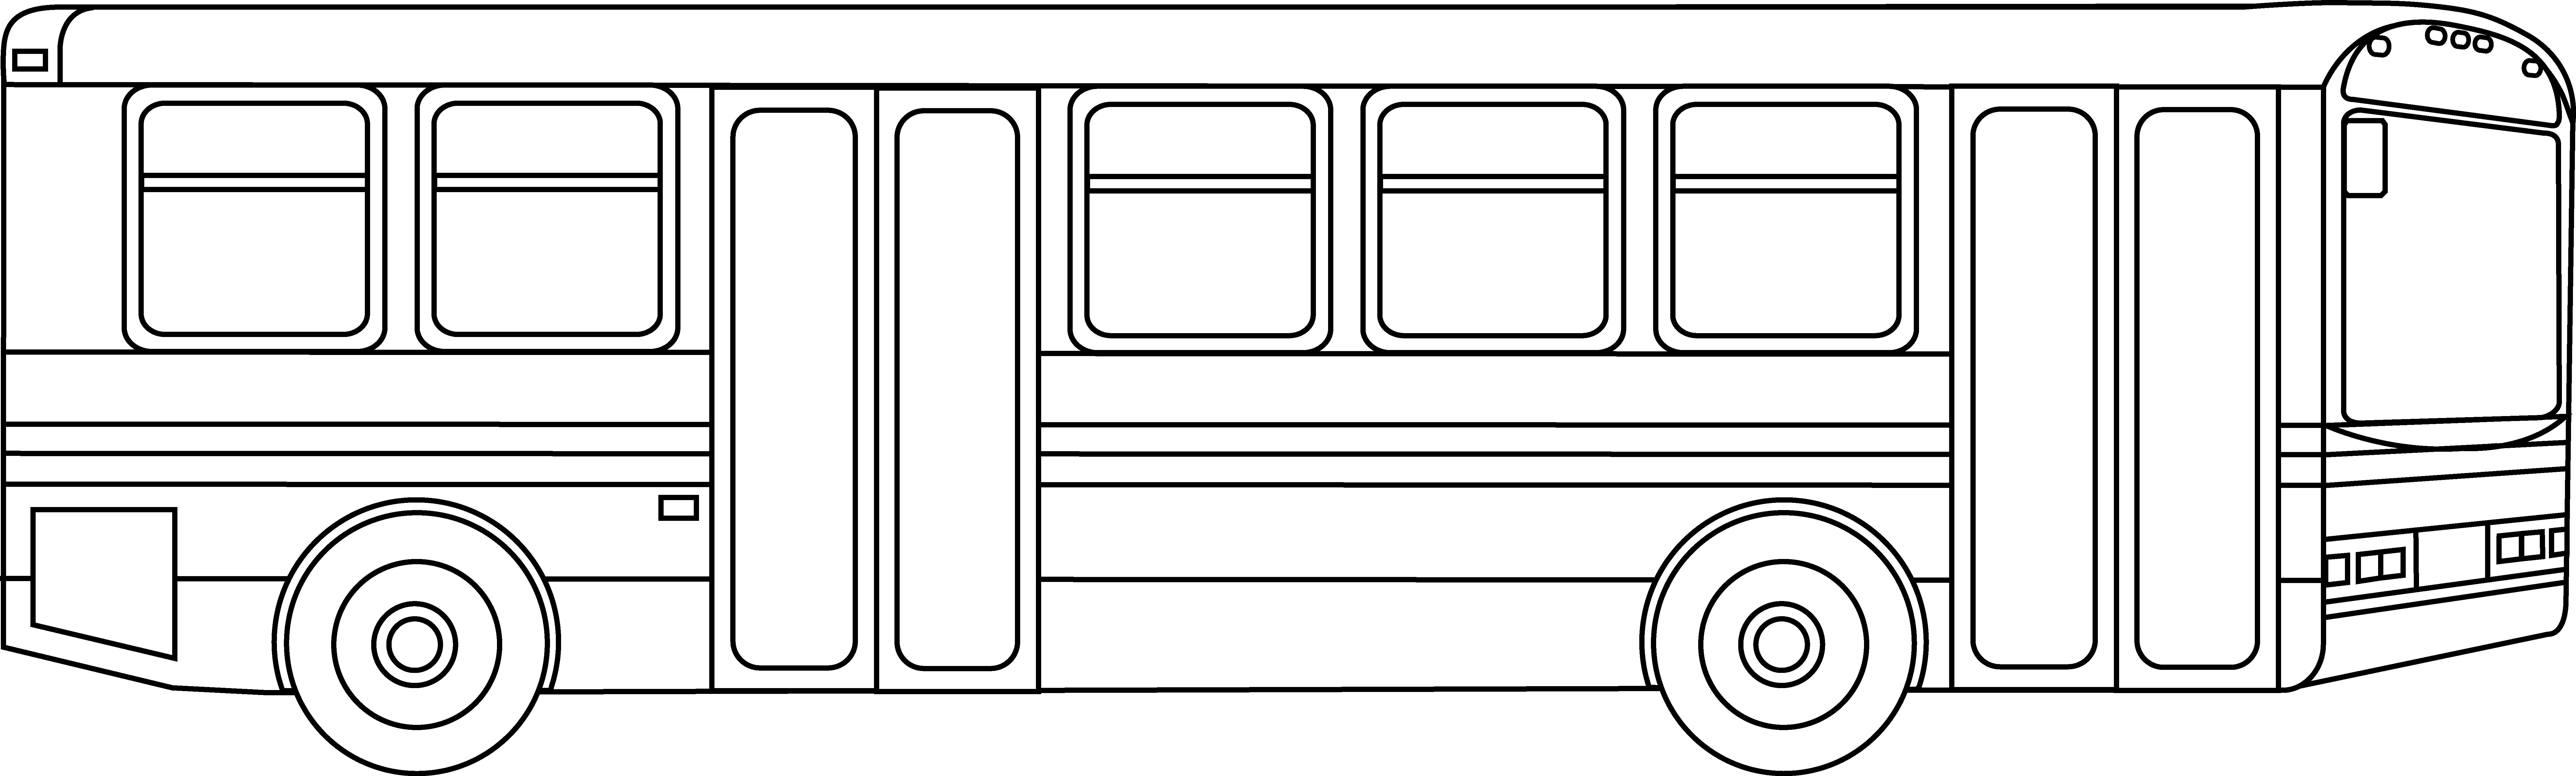 рентабельности картинка автобуса для раскрашивания дни после